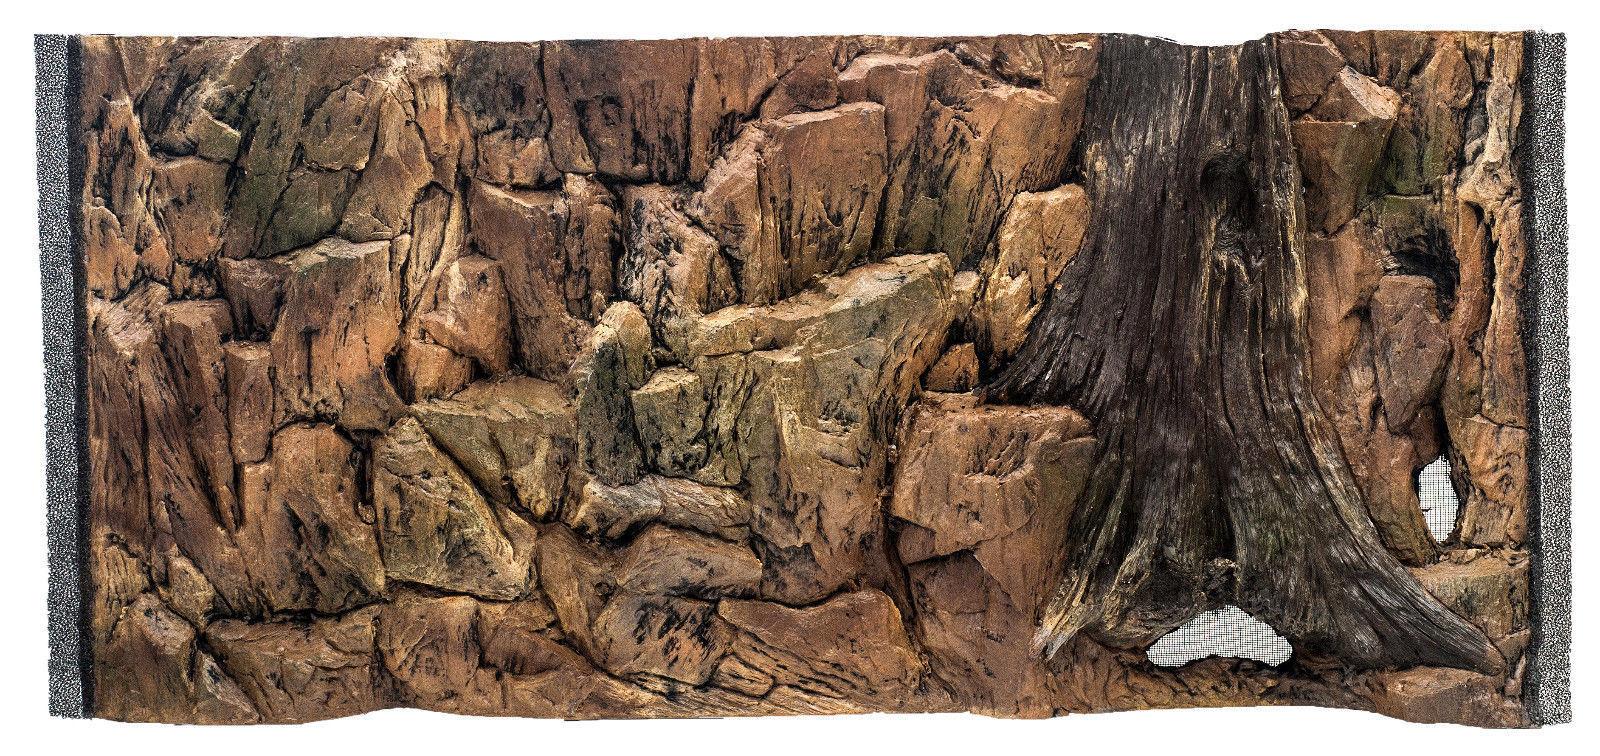 Aquarium 3 D Rückwand Aquariumrückwand Struktur 50x30cm bis 200x60cm